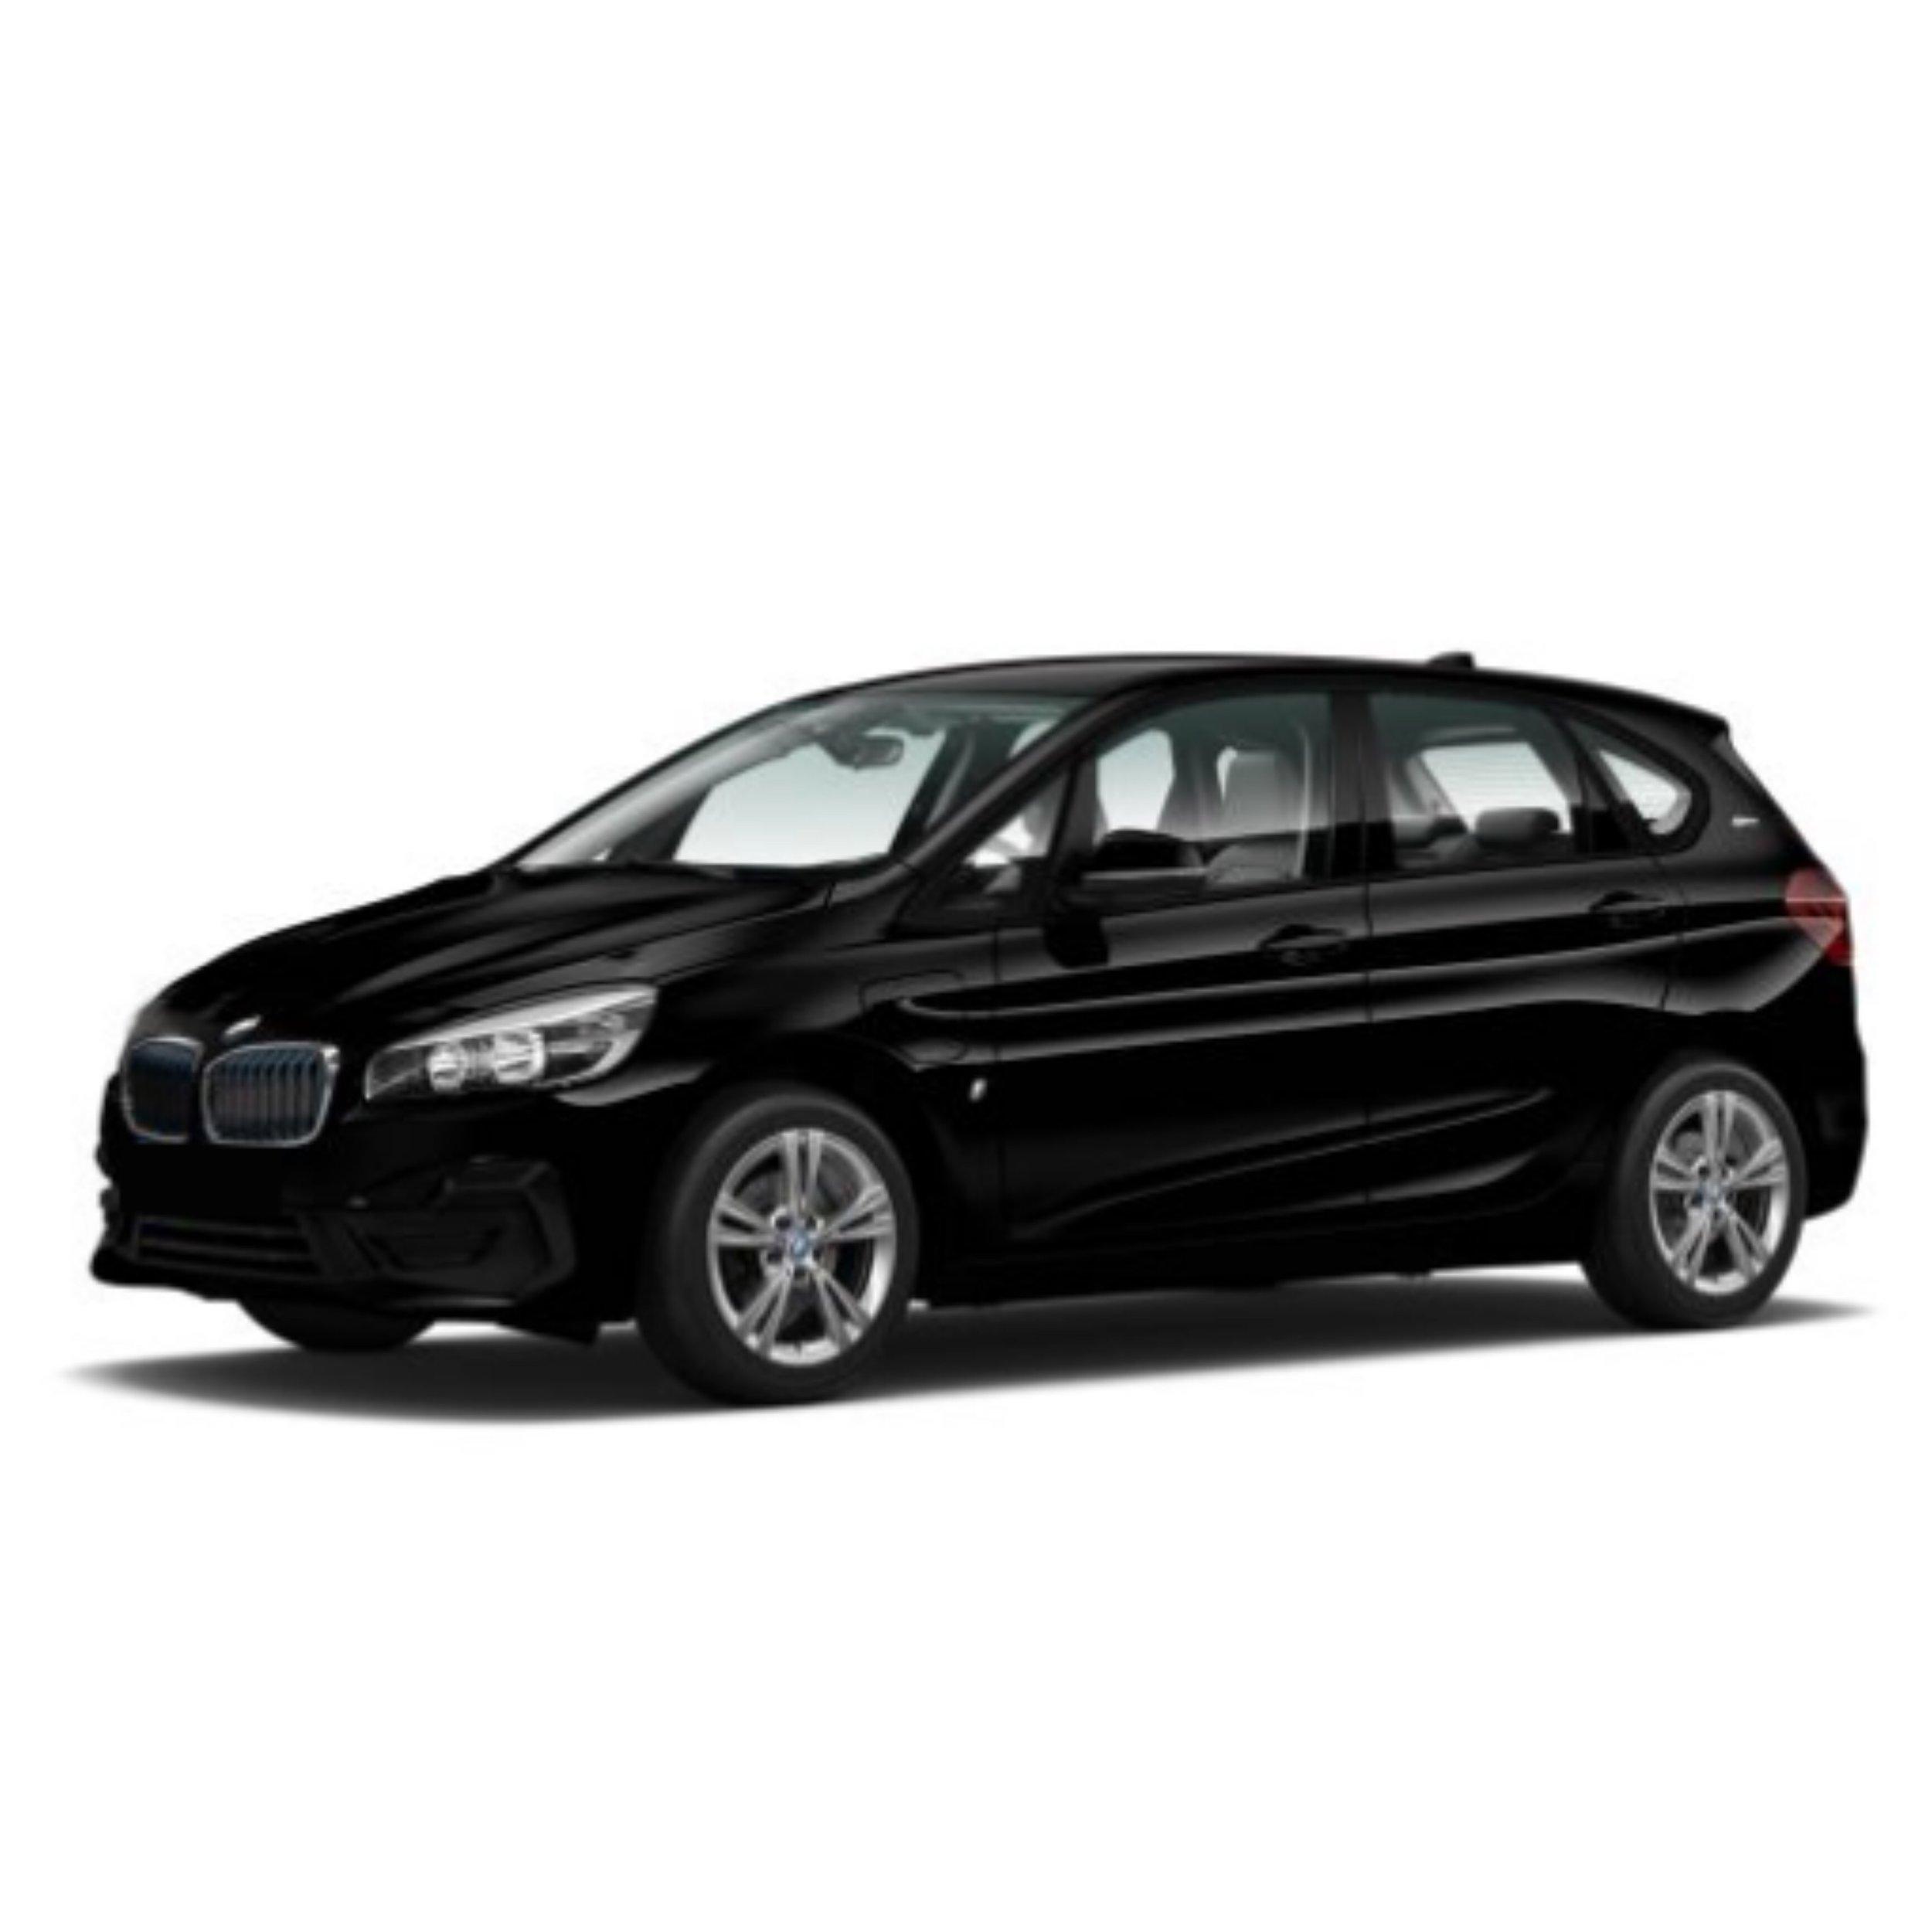 BMW 225xe AT (224 PS)227,00€ / Monat (Nur 2 Stück) - *Nur Gewerbekunden*alle Werte zzgl. der jeweiligen Umsatzsteuer